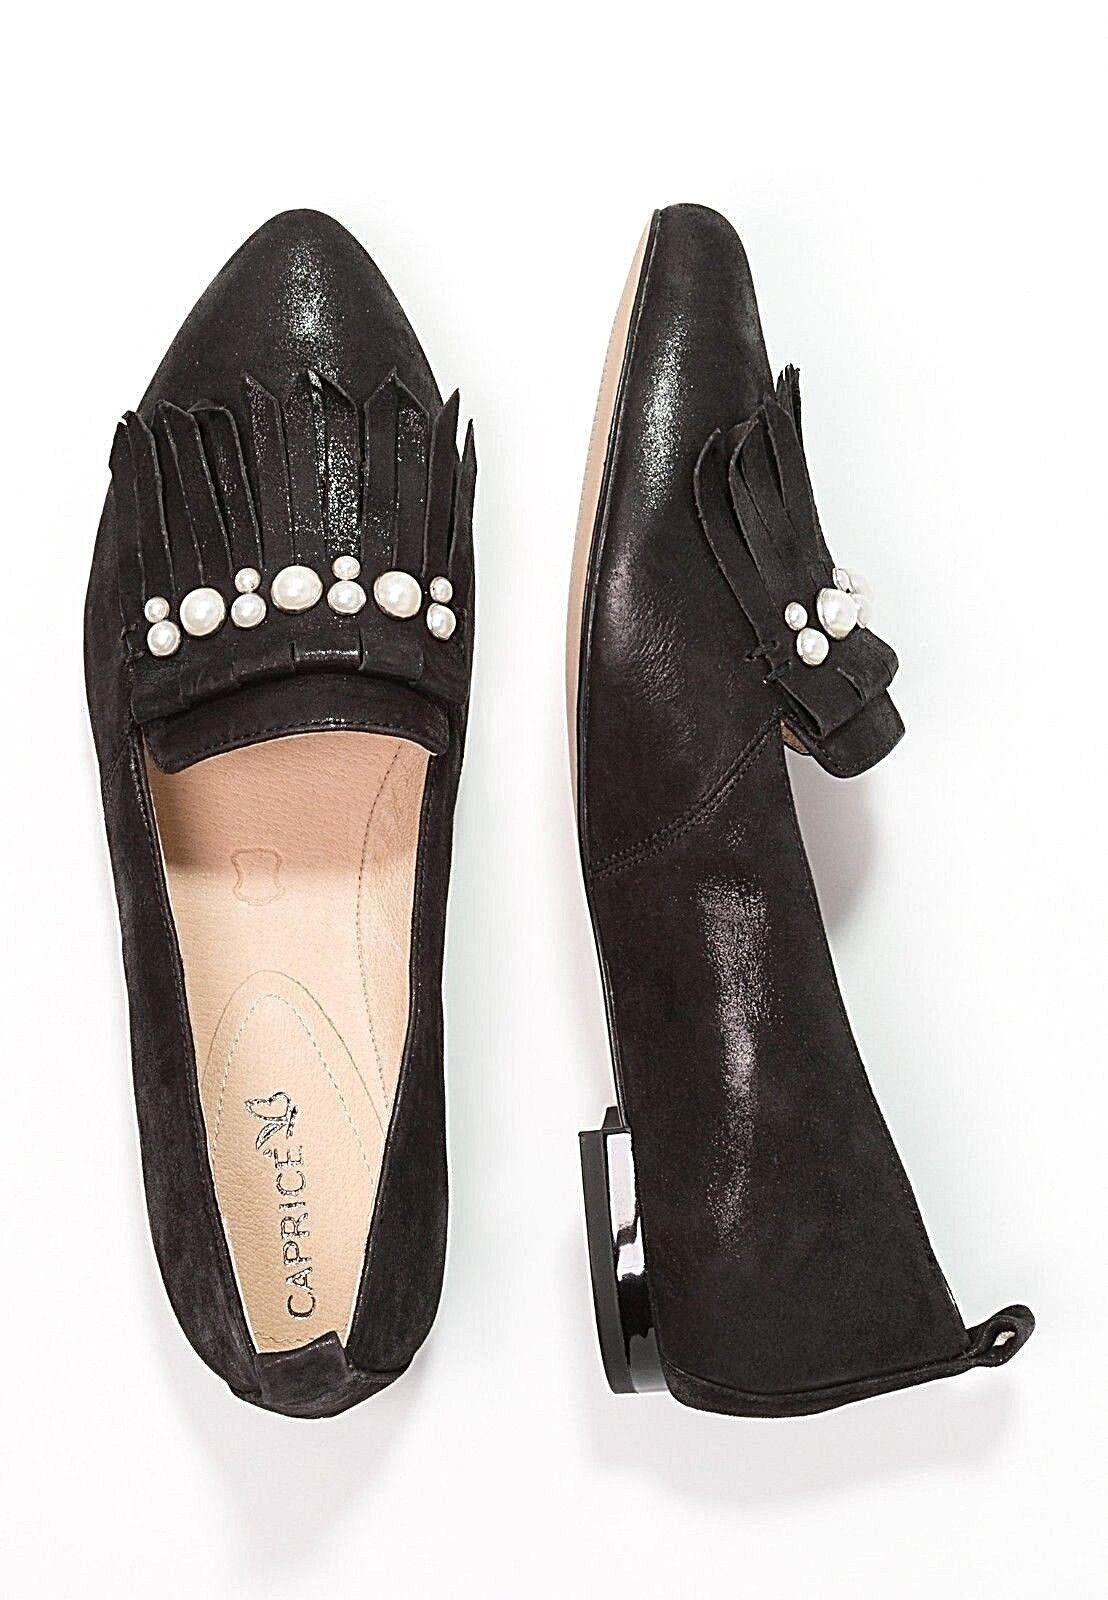 Damen Slipper Leder schwarz Größe 36 37 38 40 41 Leder Slipper 24202 Sacchetto Flexibility e1444d